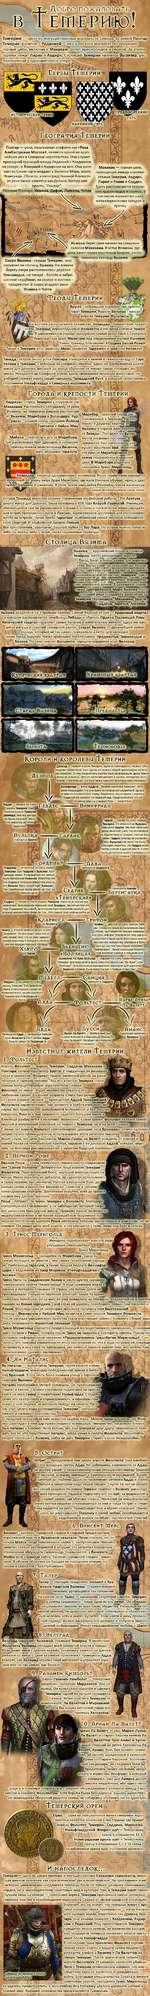 пN т , Добро пожаловать*-* Т е га,Е-р т ! М Темерия — одно из могущественных королевств Севера. За рекой Понтар # I Темерия граничит с Реданией. С юга и востока королевство окружают горные цепи, включая и Махакам, оплот краснолюдов и гномов. За этими !\.' >' • 11-ч'Х. ¿и Ч*Г • горами